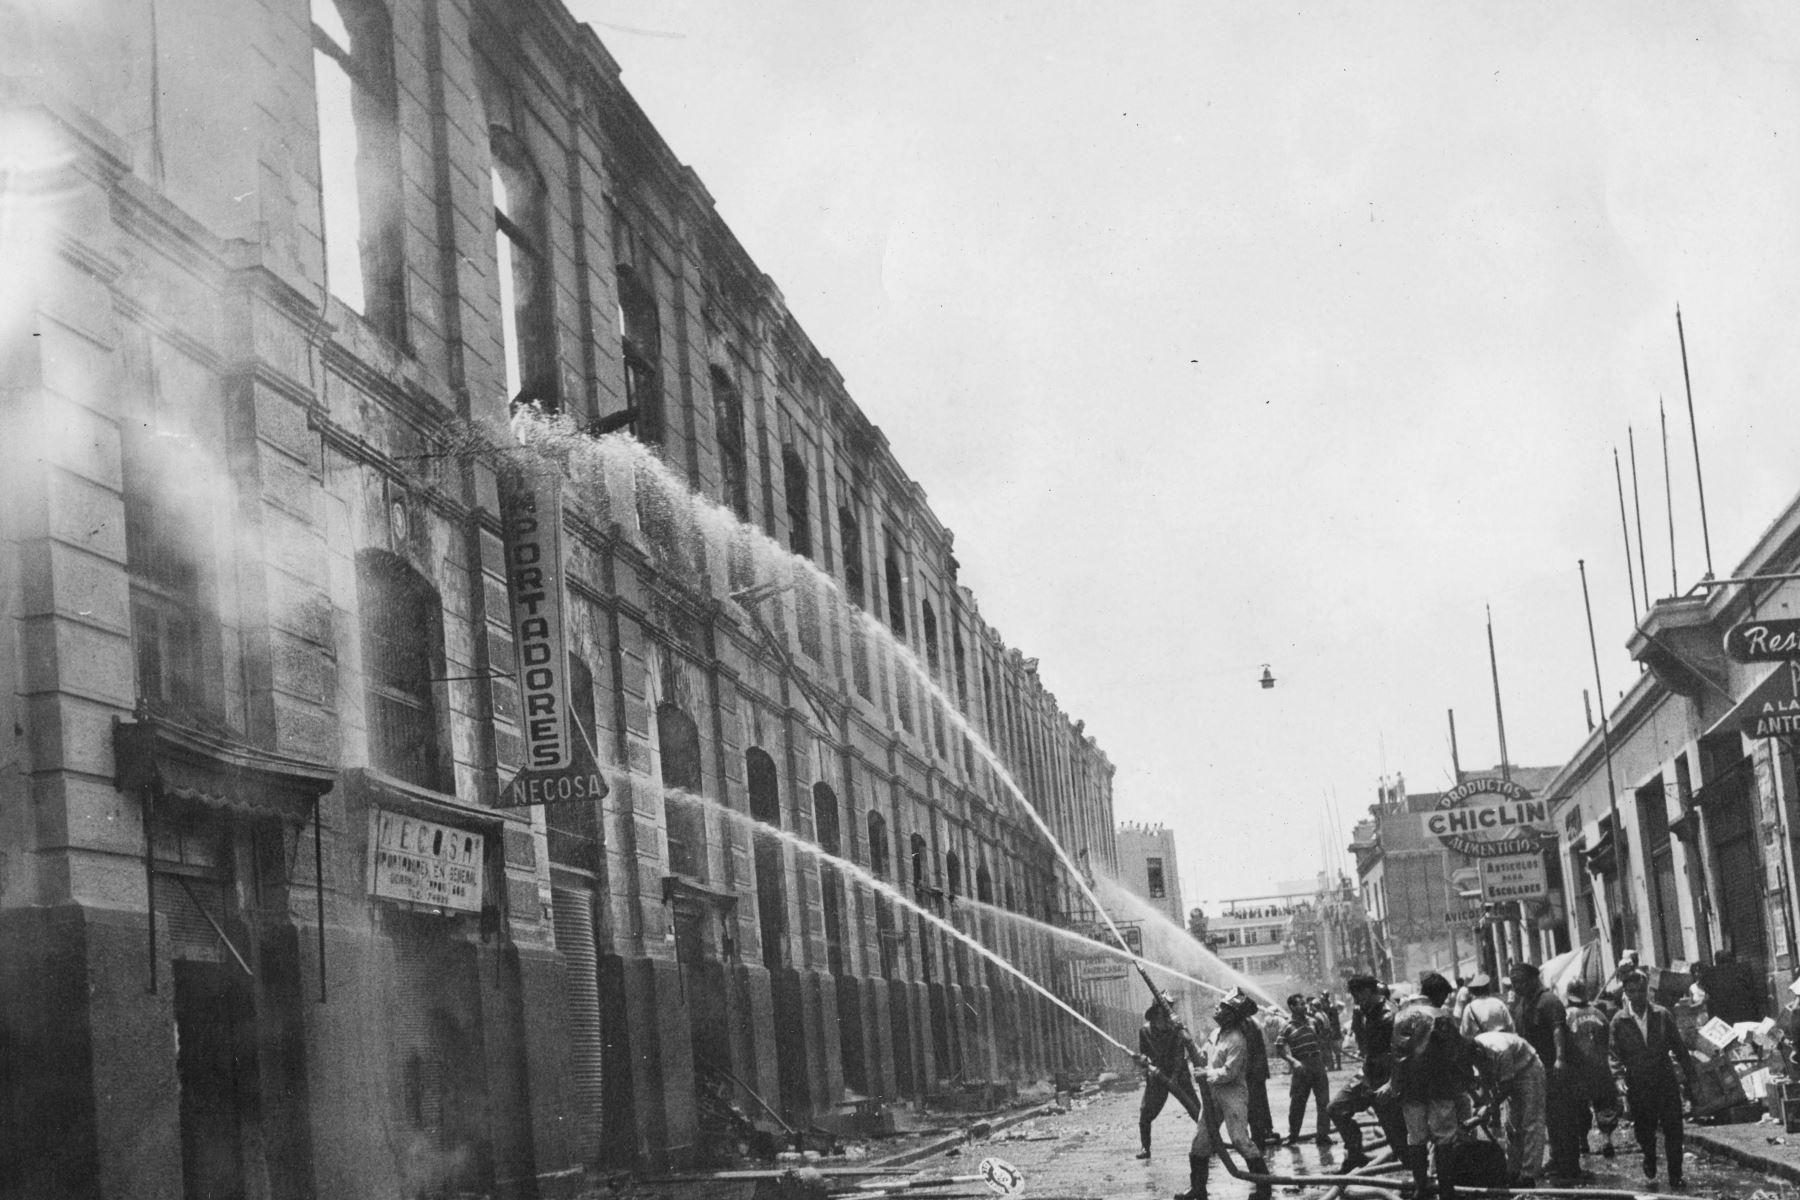 Lima - 29 febrero 1964 / Incendio del Mercado Central de Lima.